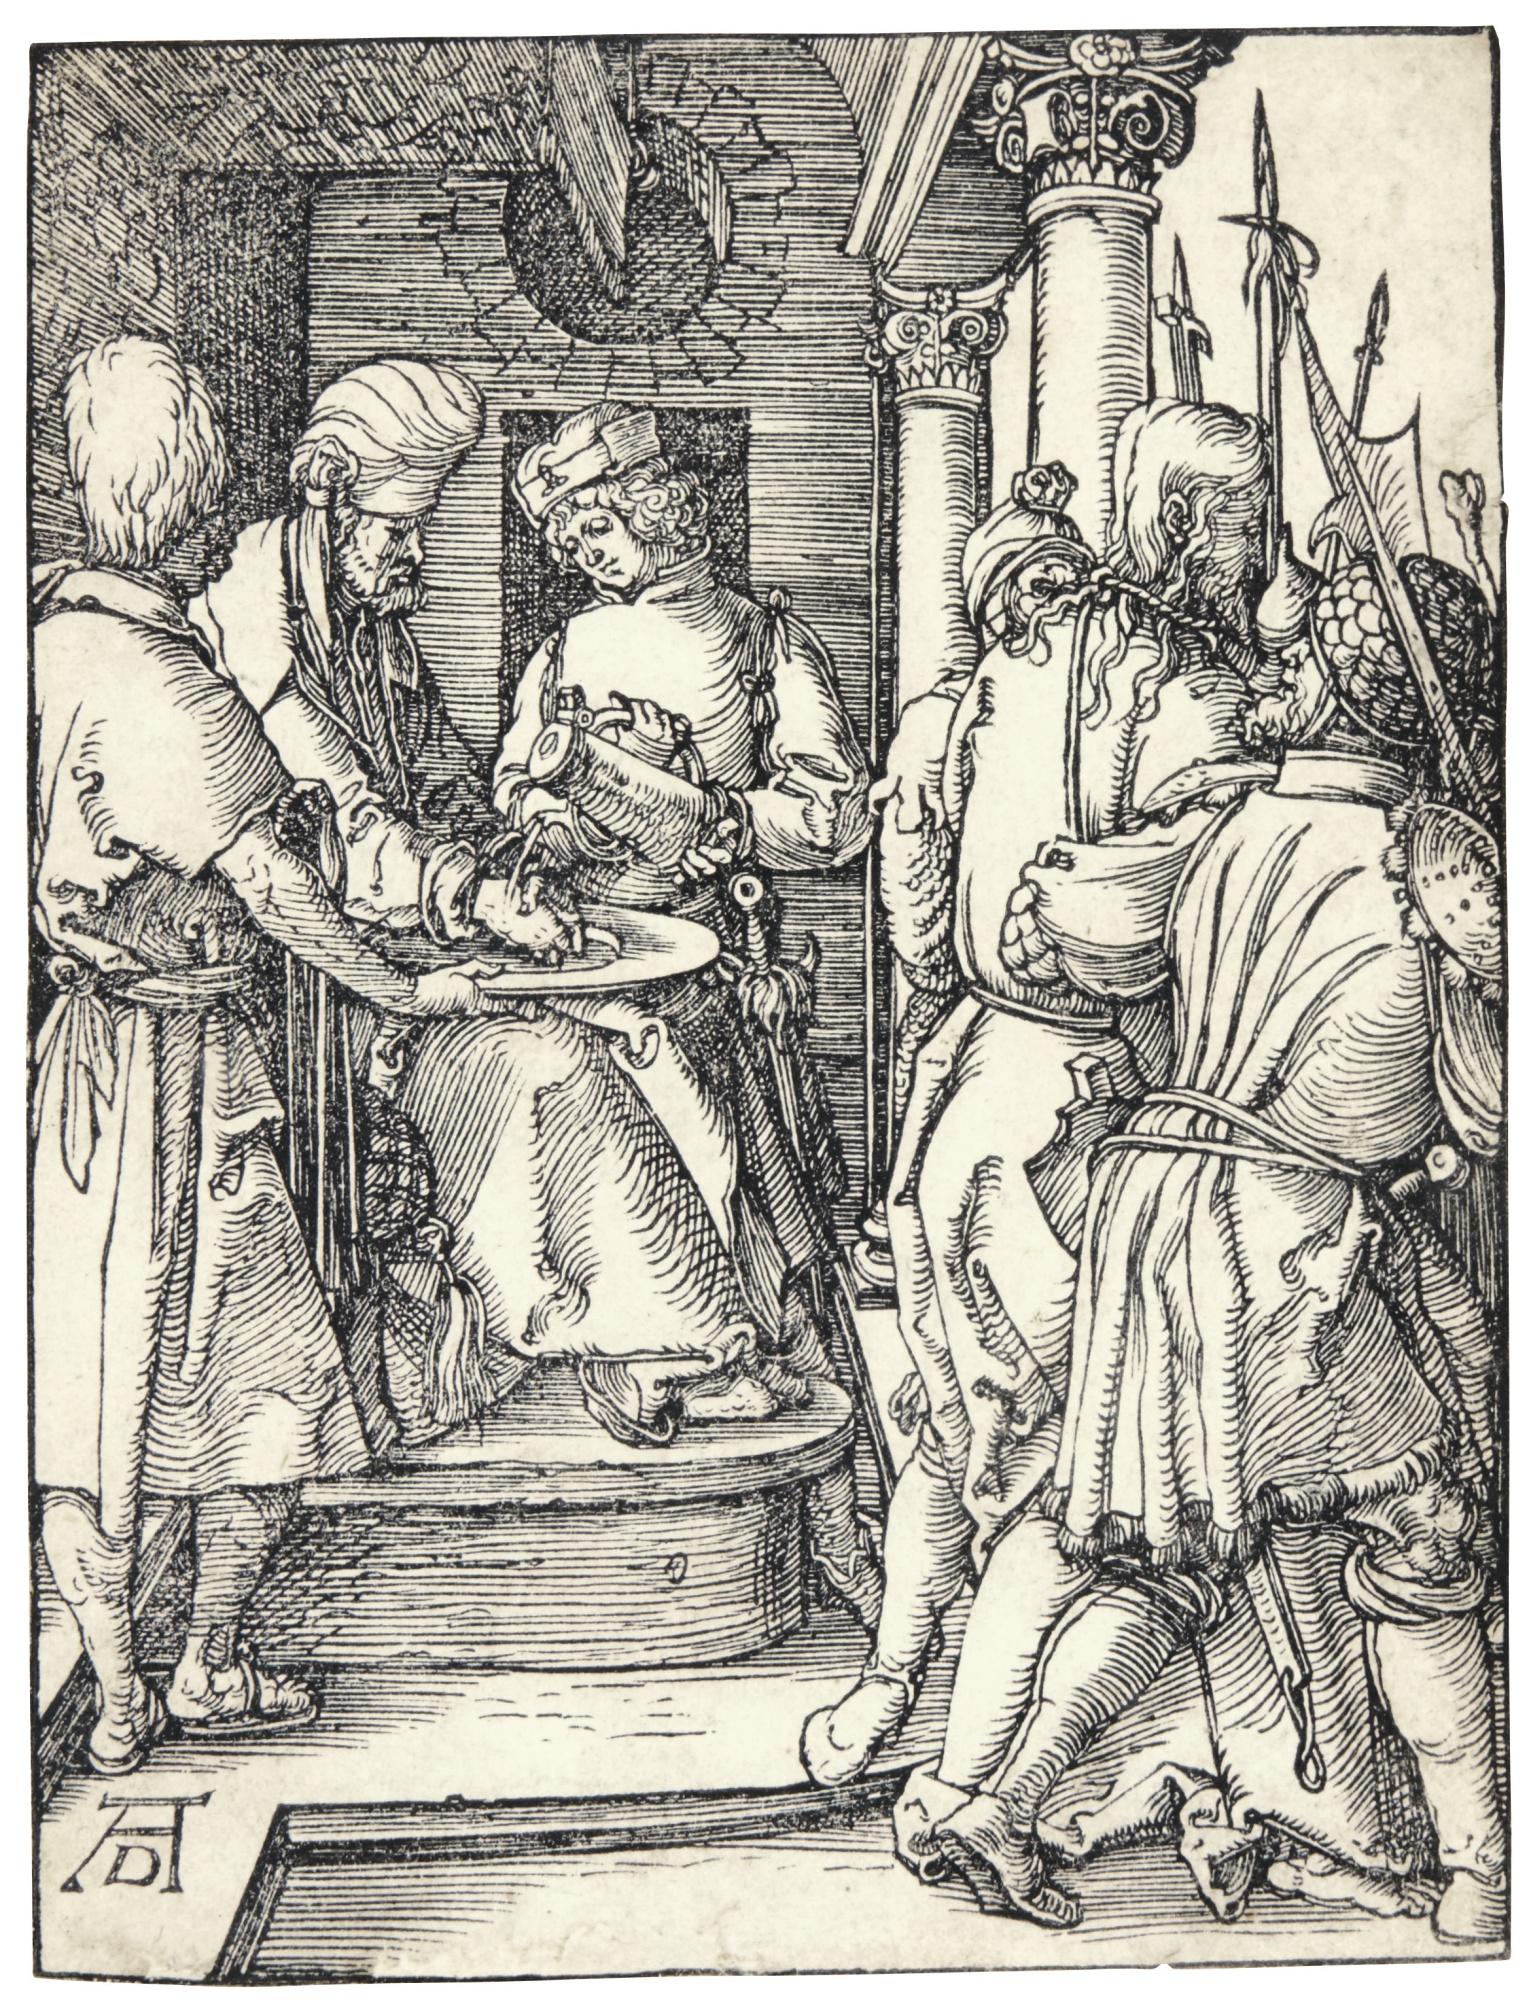 Albrecht Durer-Pilate Washing His Hands (B. 36; M., Holl. 145)-1509